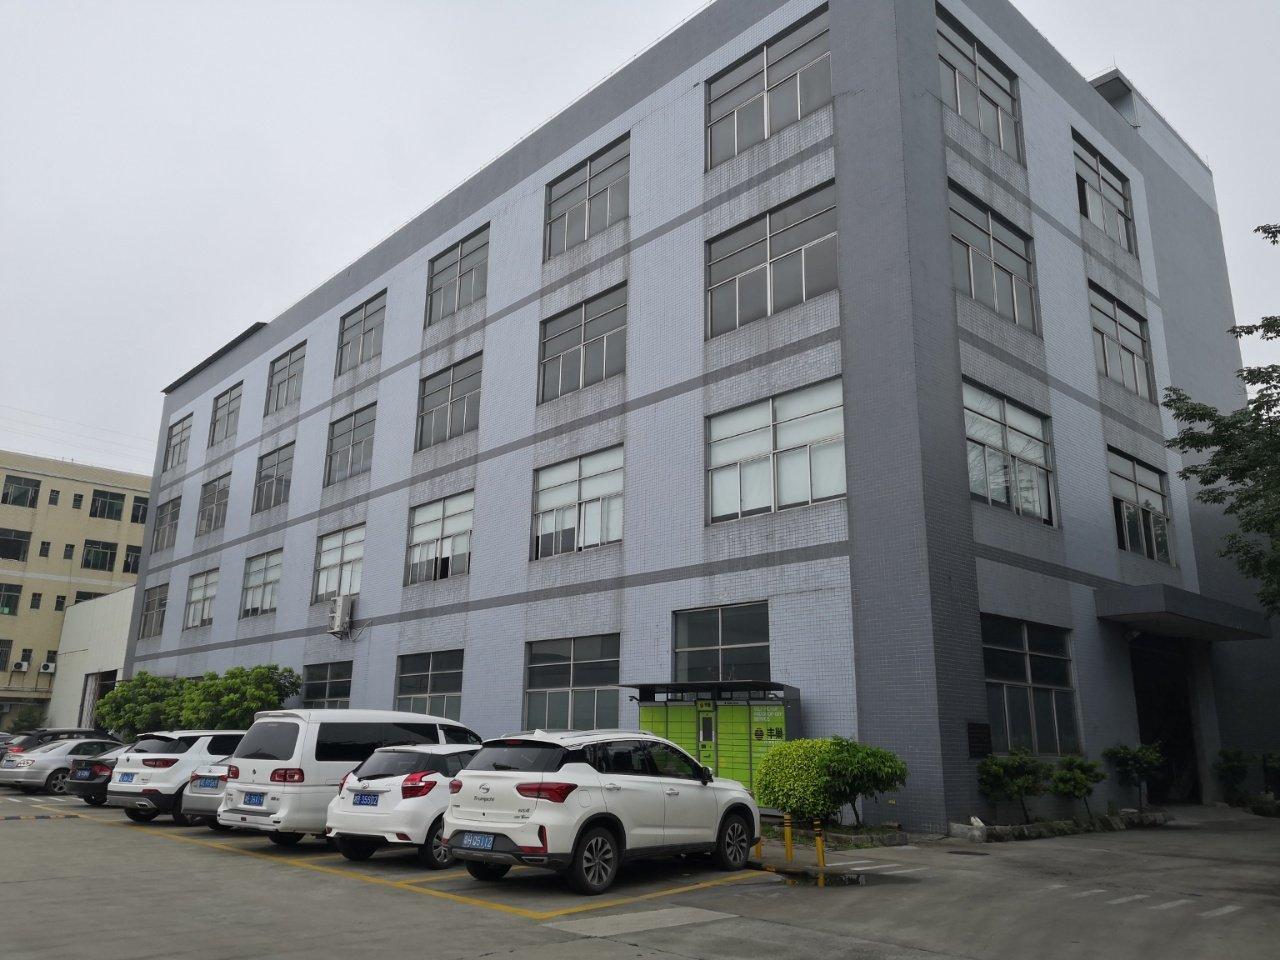 南村新出独院 厂房类型:标准厂房4层 地址:三水区乐平工业